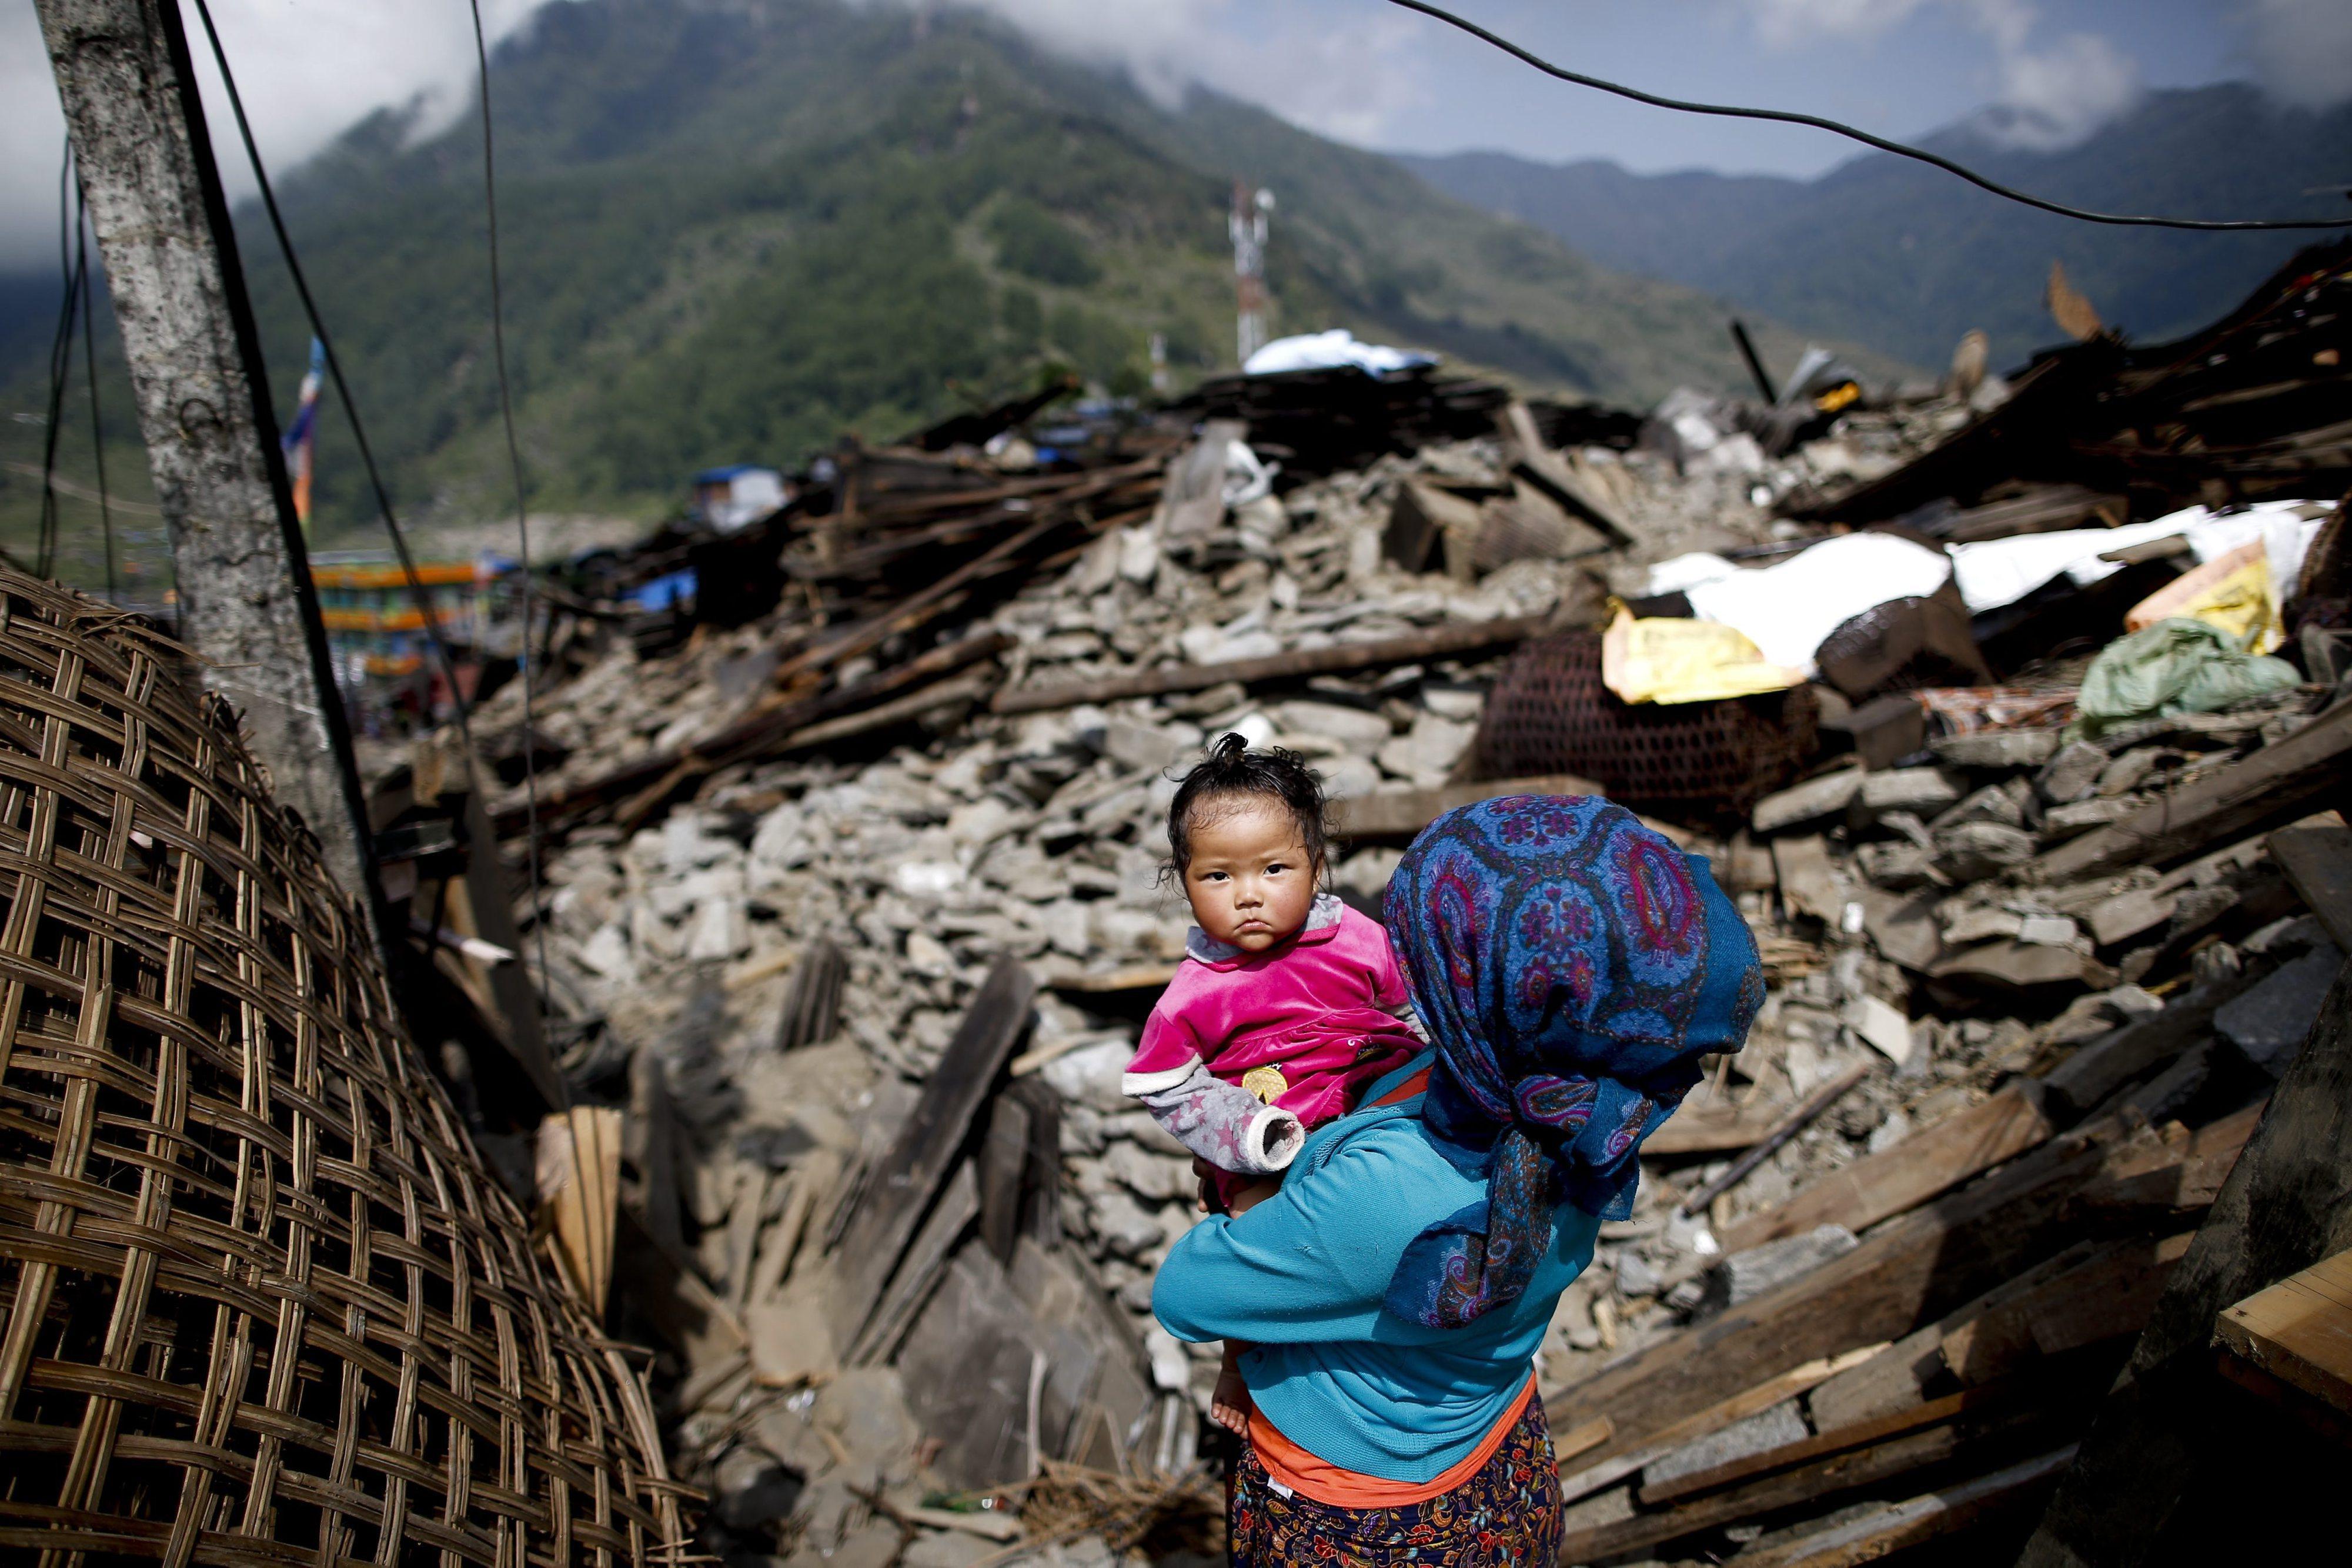 unicef receia que mais crian u00e7as nepalesas estejam a ser